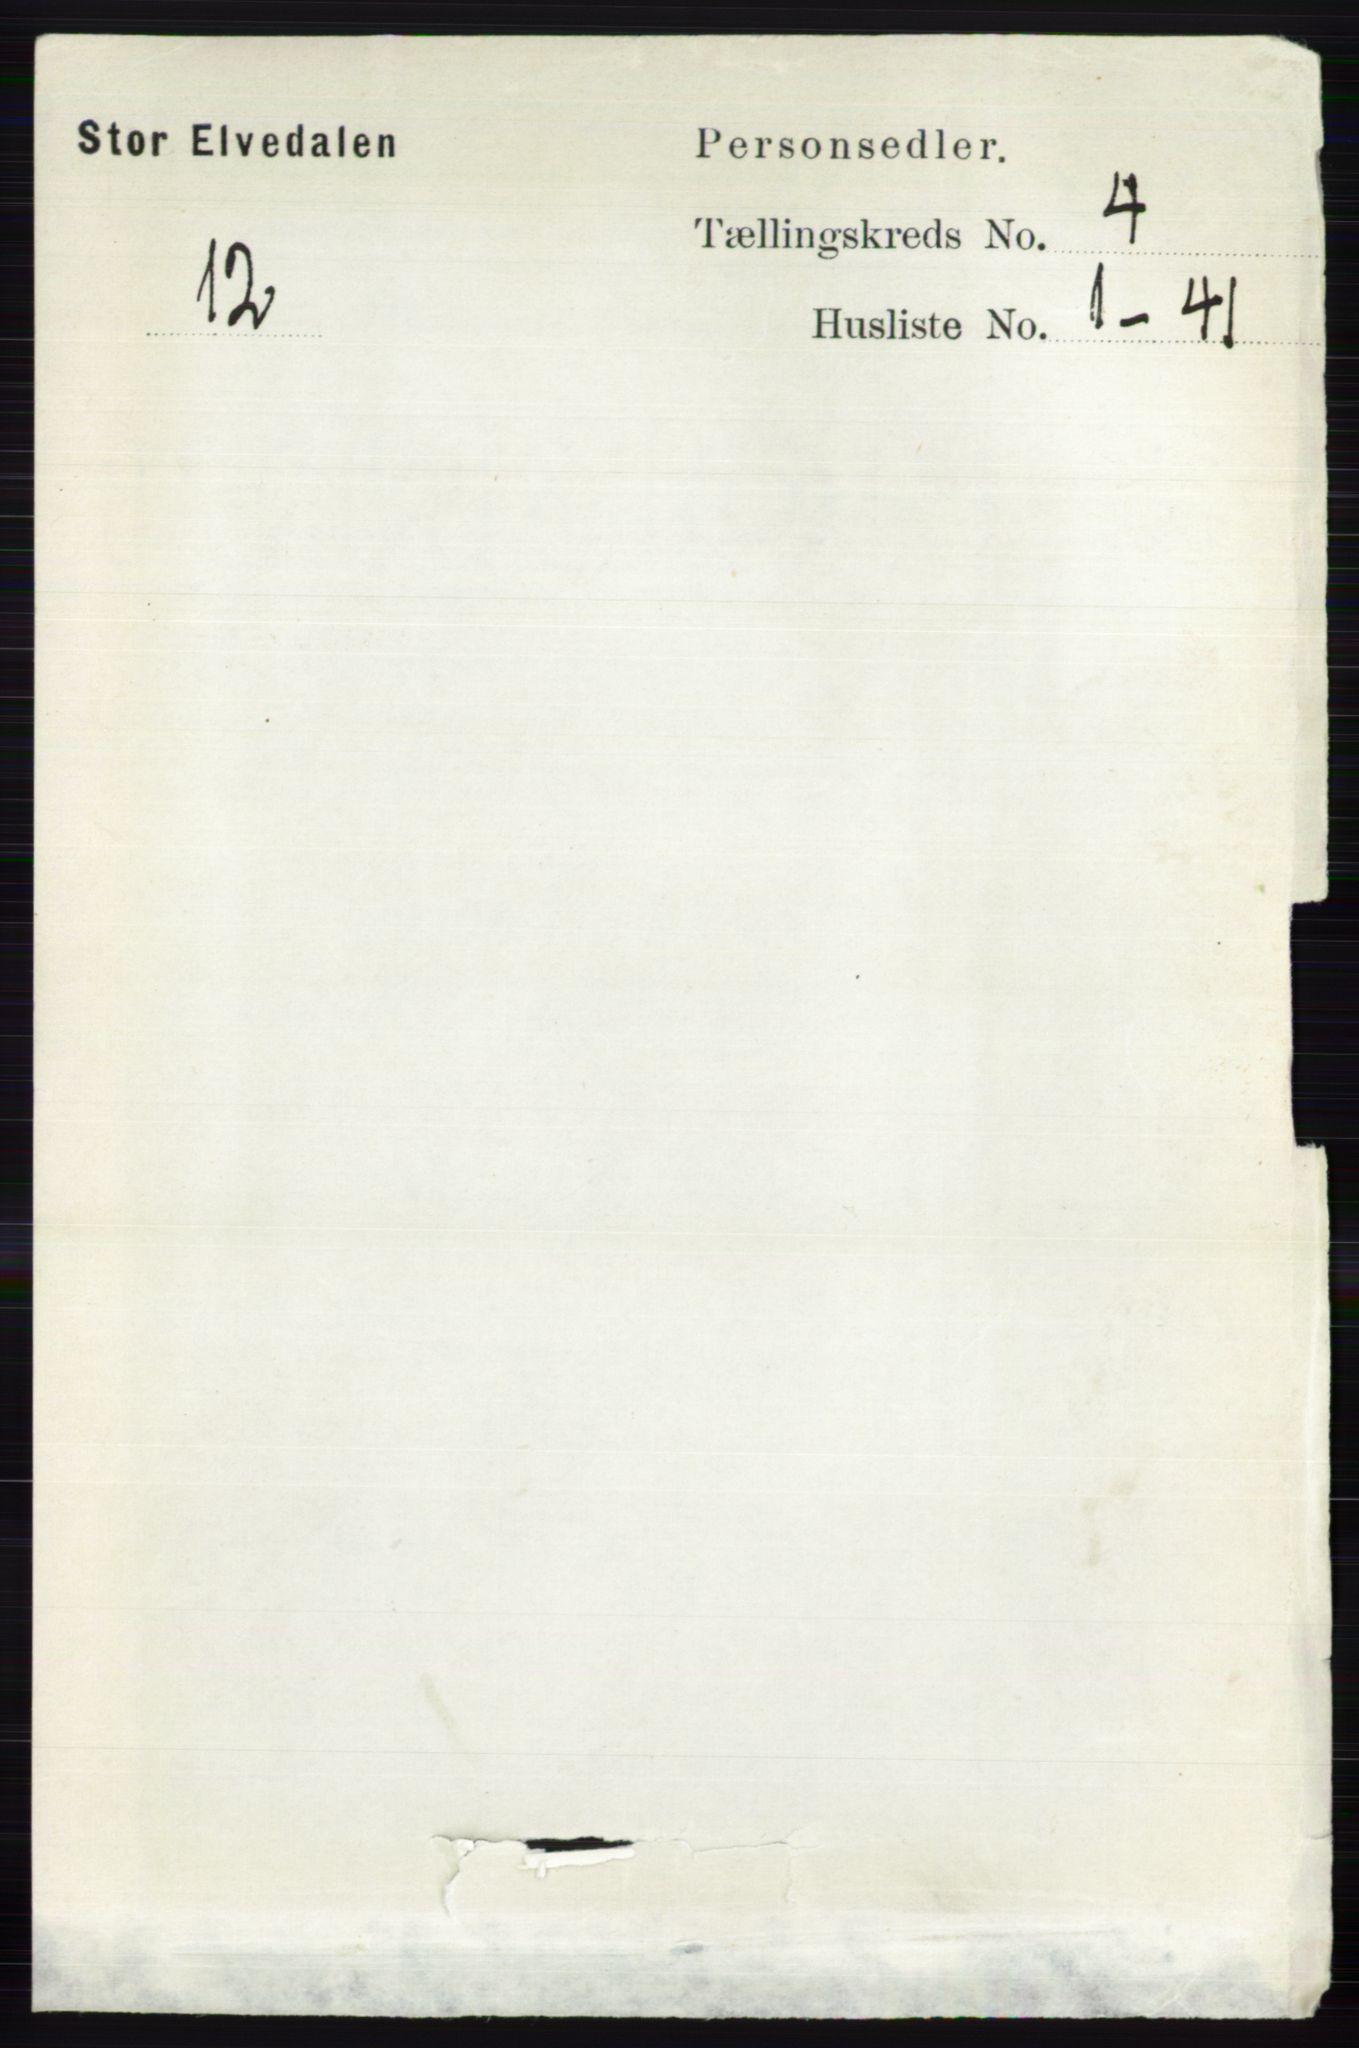 RA, Folketelling 1891 for 0430 Stor-Elvdal herred, 1891, s. 1425